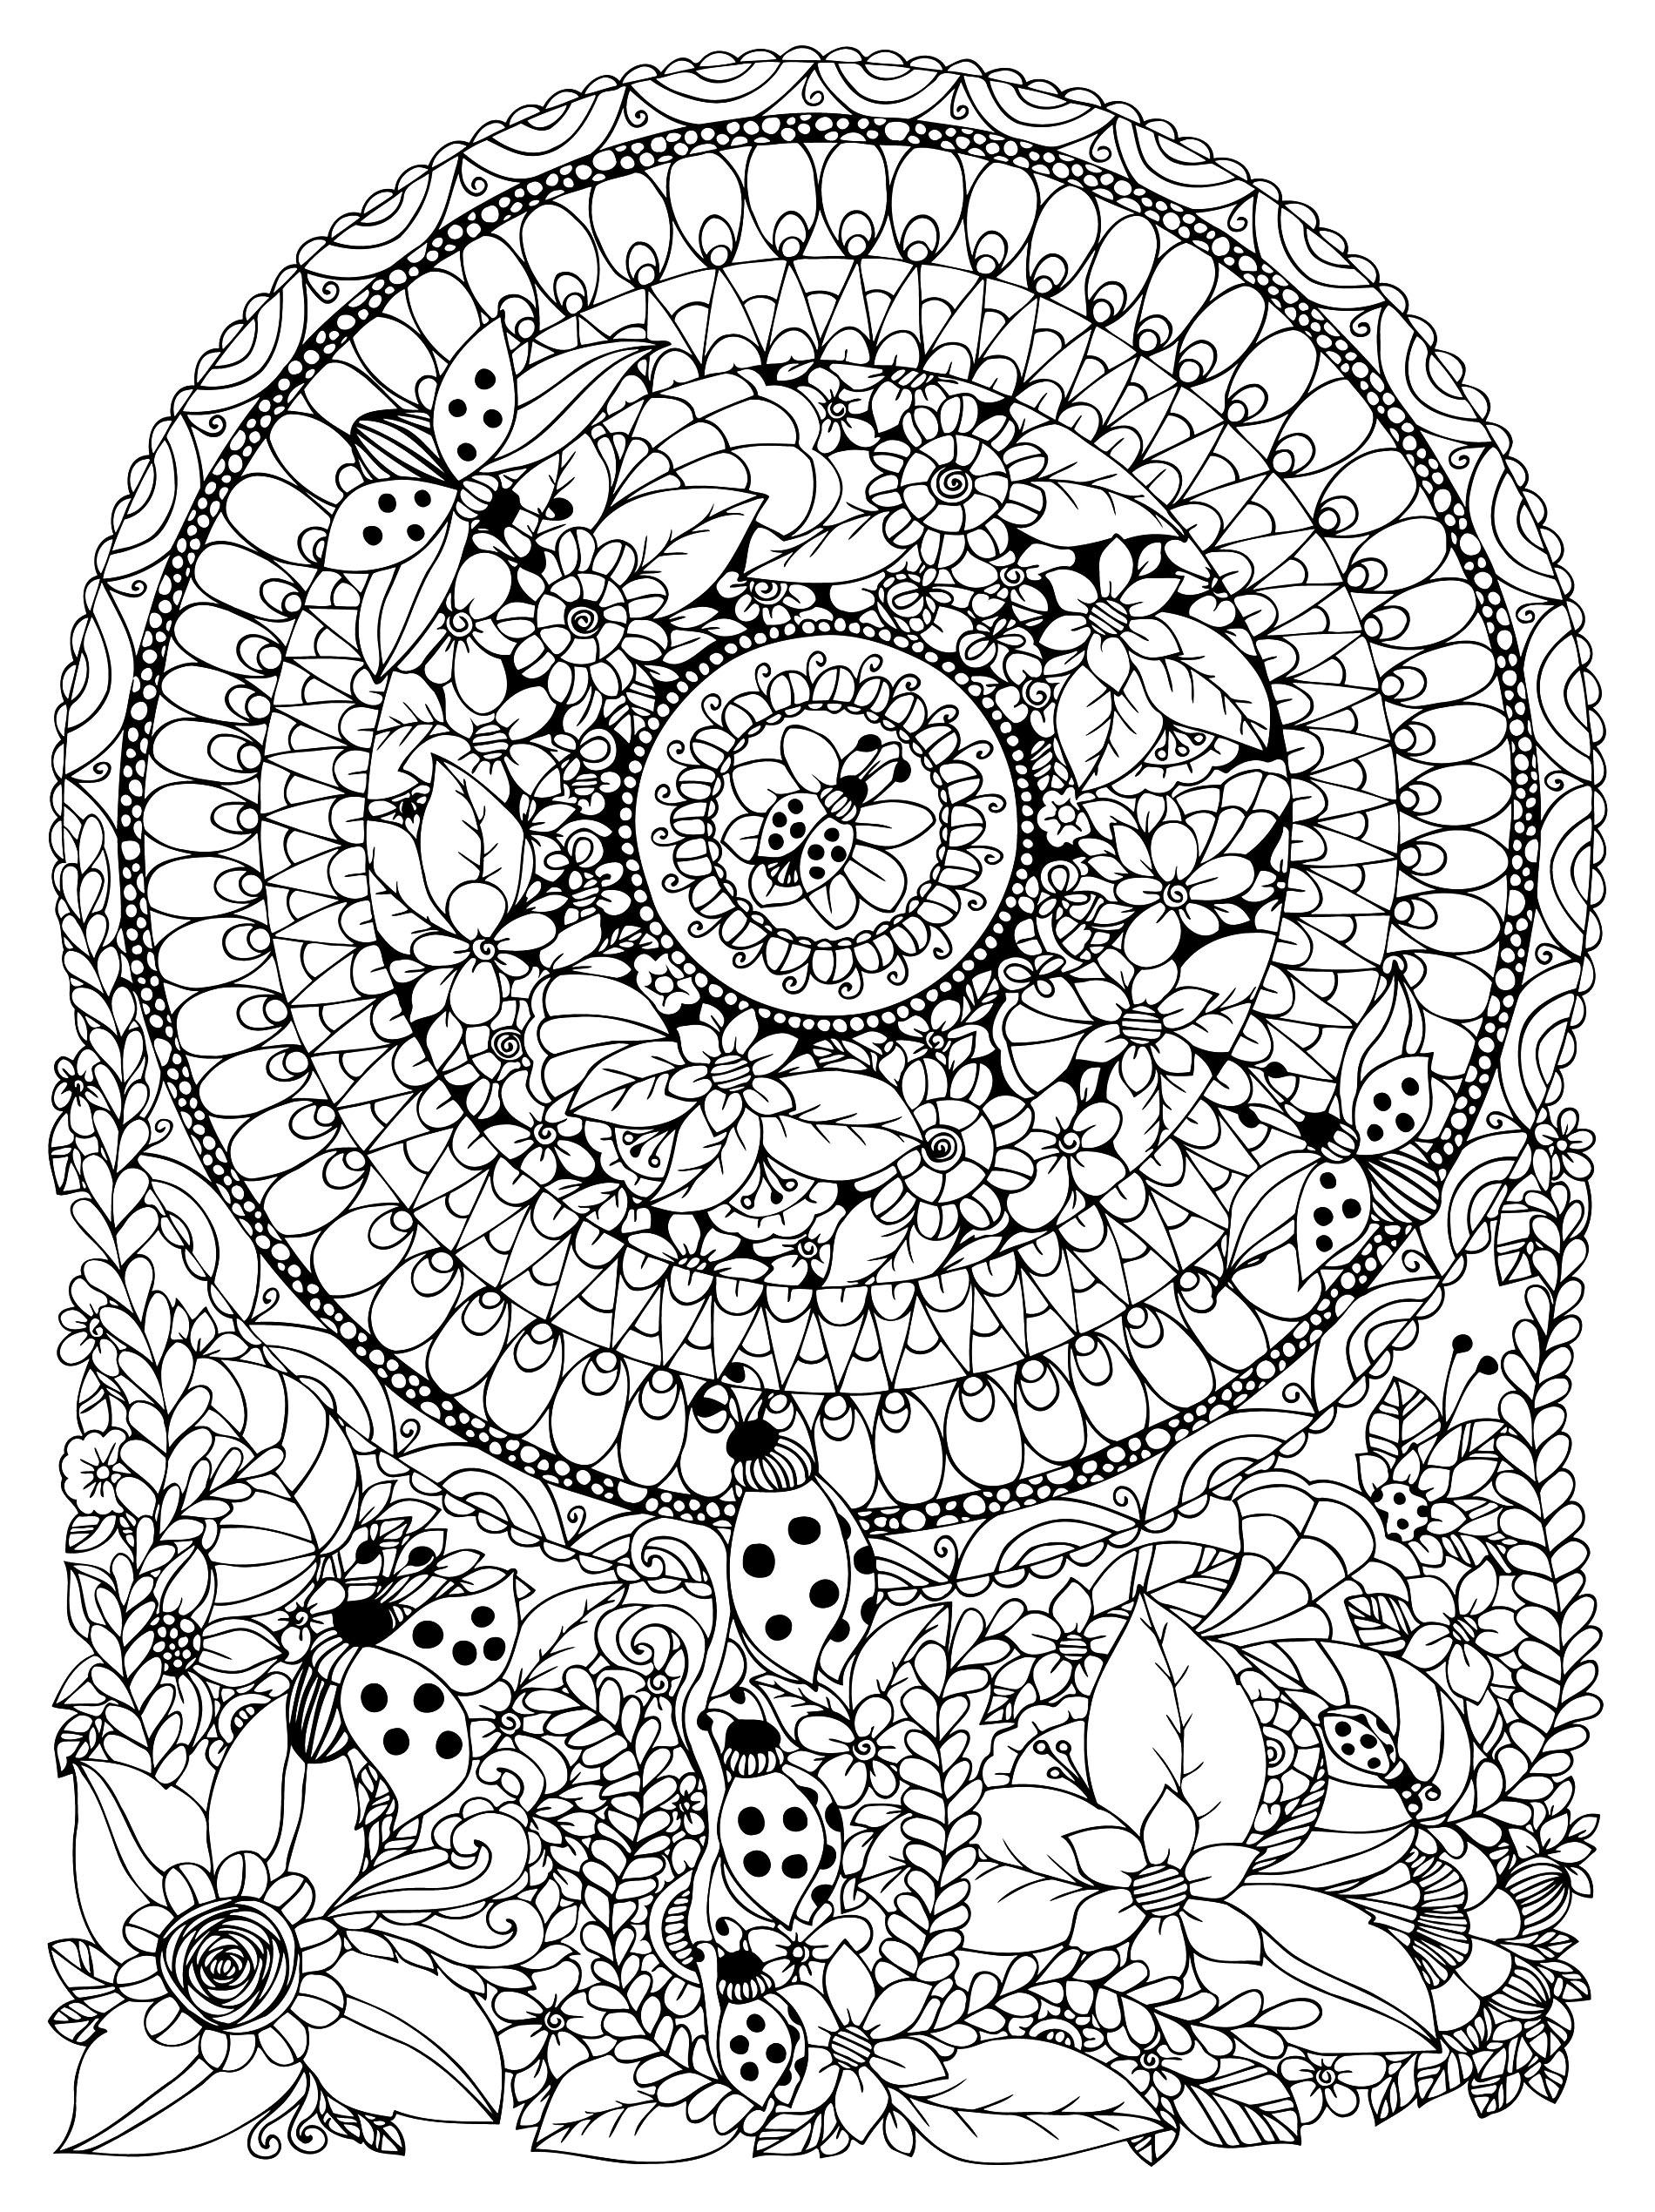 Mandala Avec Fleurs Et Coccinelles - Mandalas - Coloriages pour Coloriage Adulte Mandala